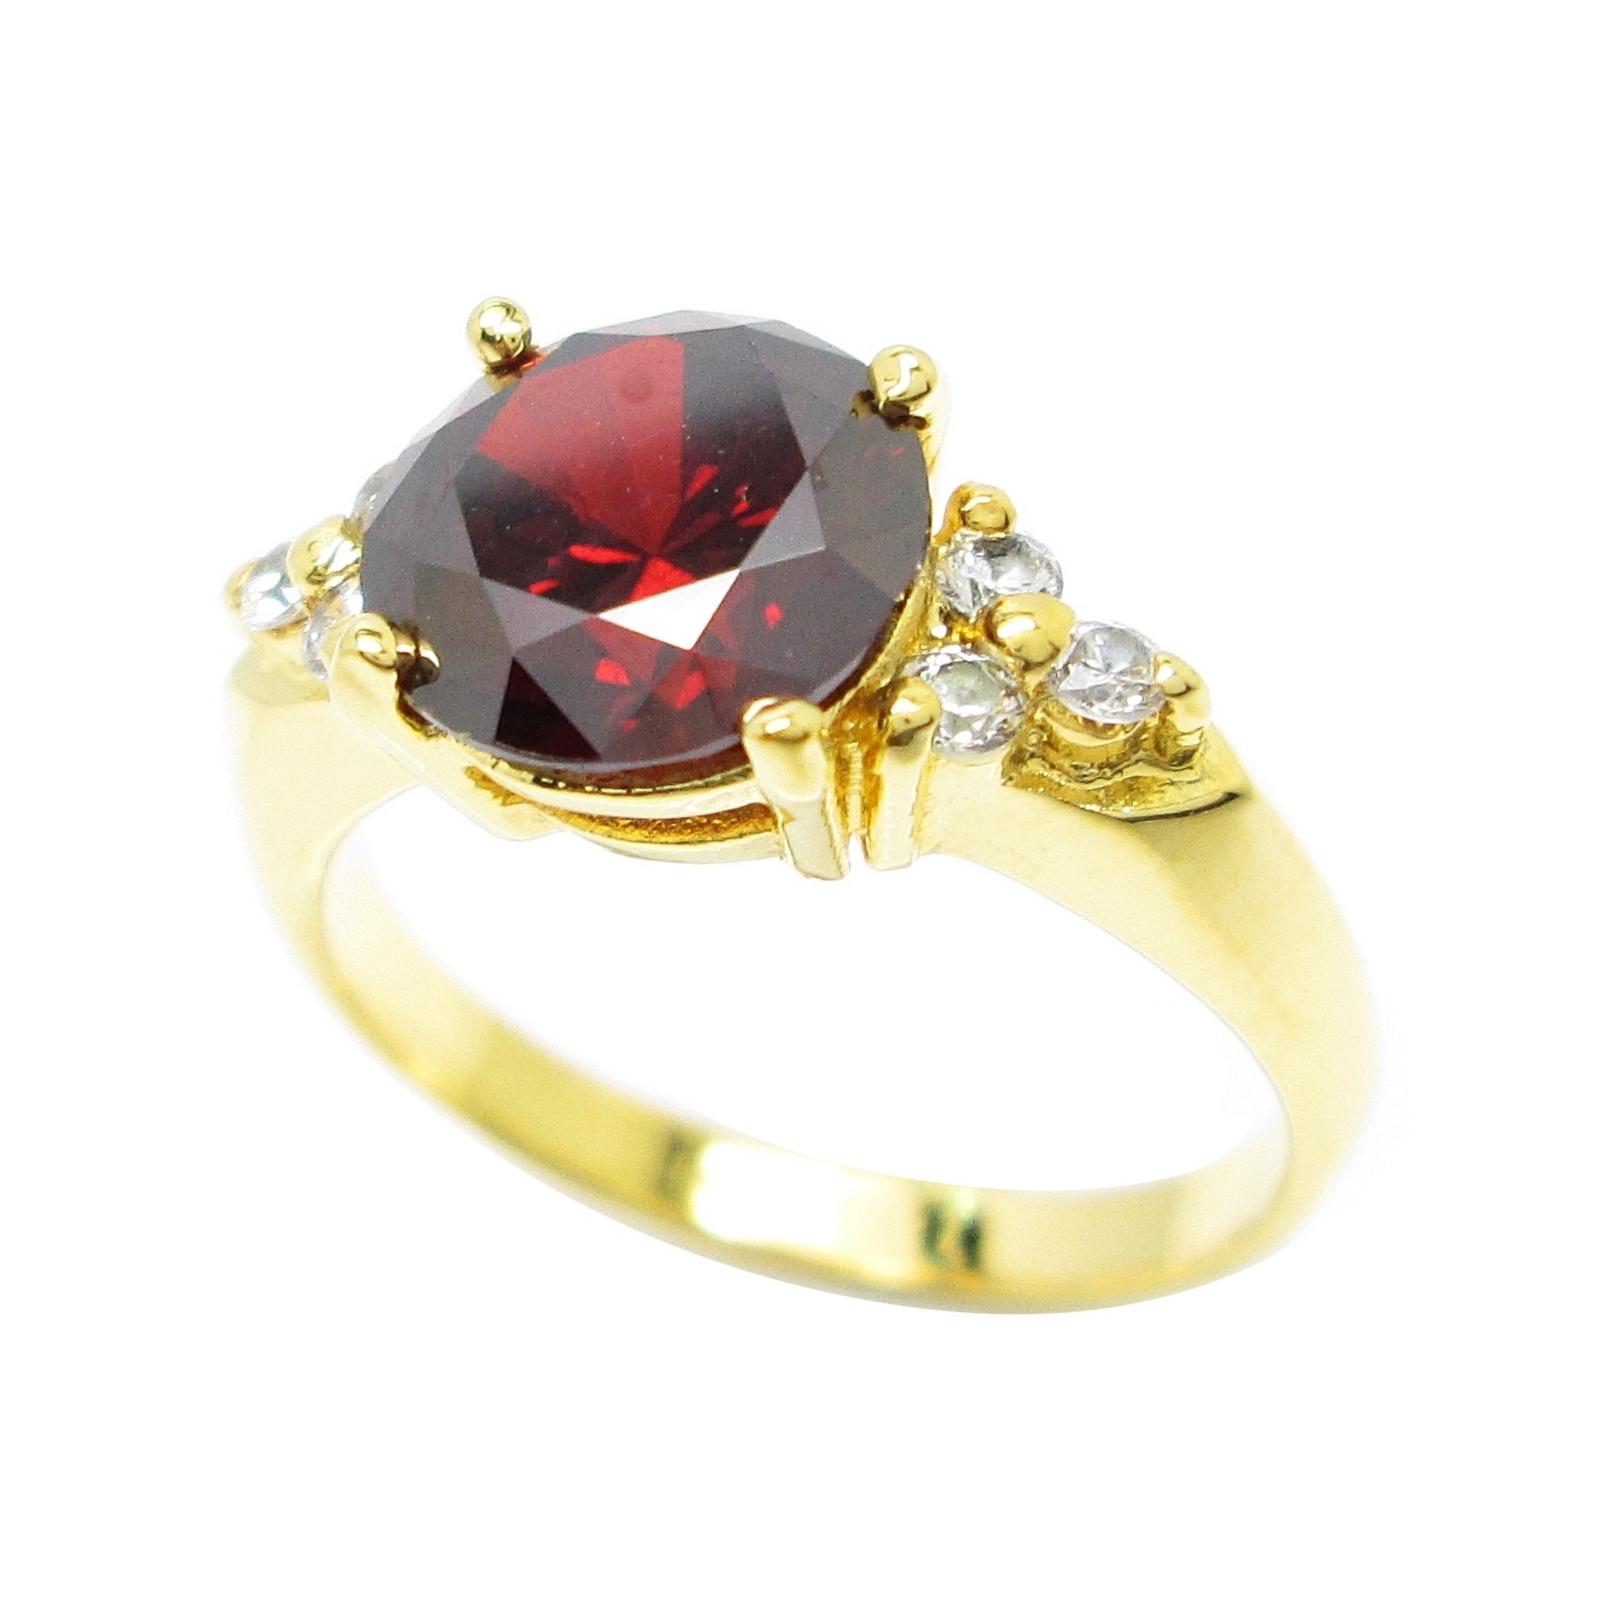 แหวนพลอยโกเมนกลมประดับเพชรชุบทอง